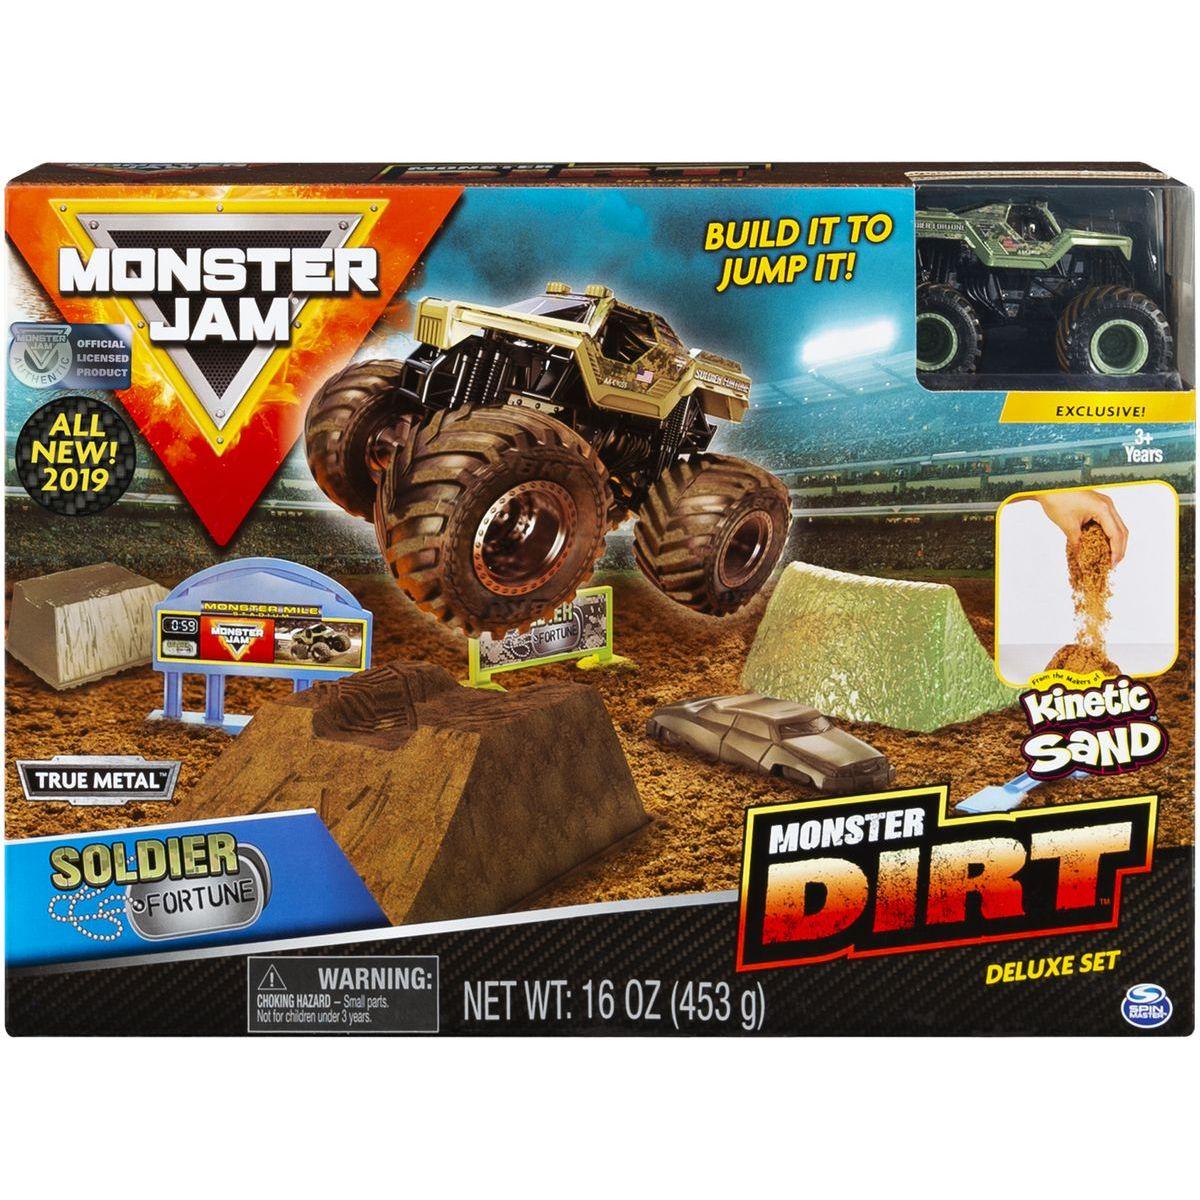 Spin Master Monster Jam sada s tekutým pískem Delux Soldier Fortune